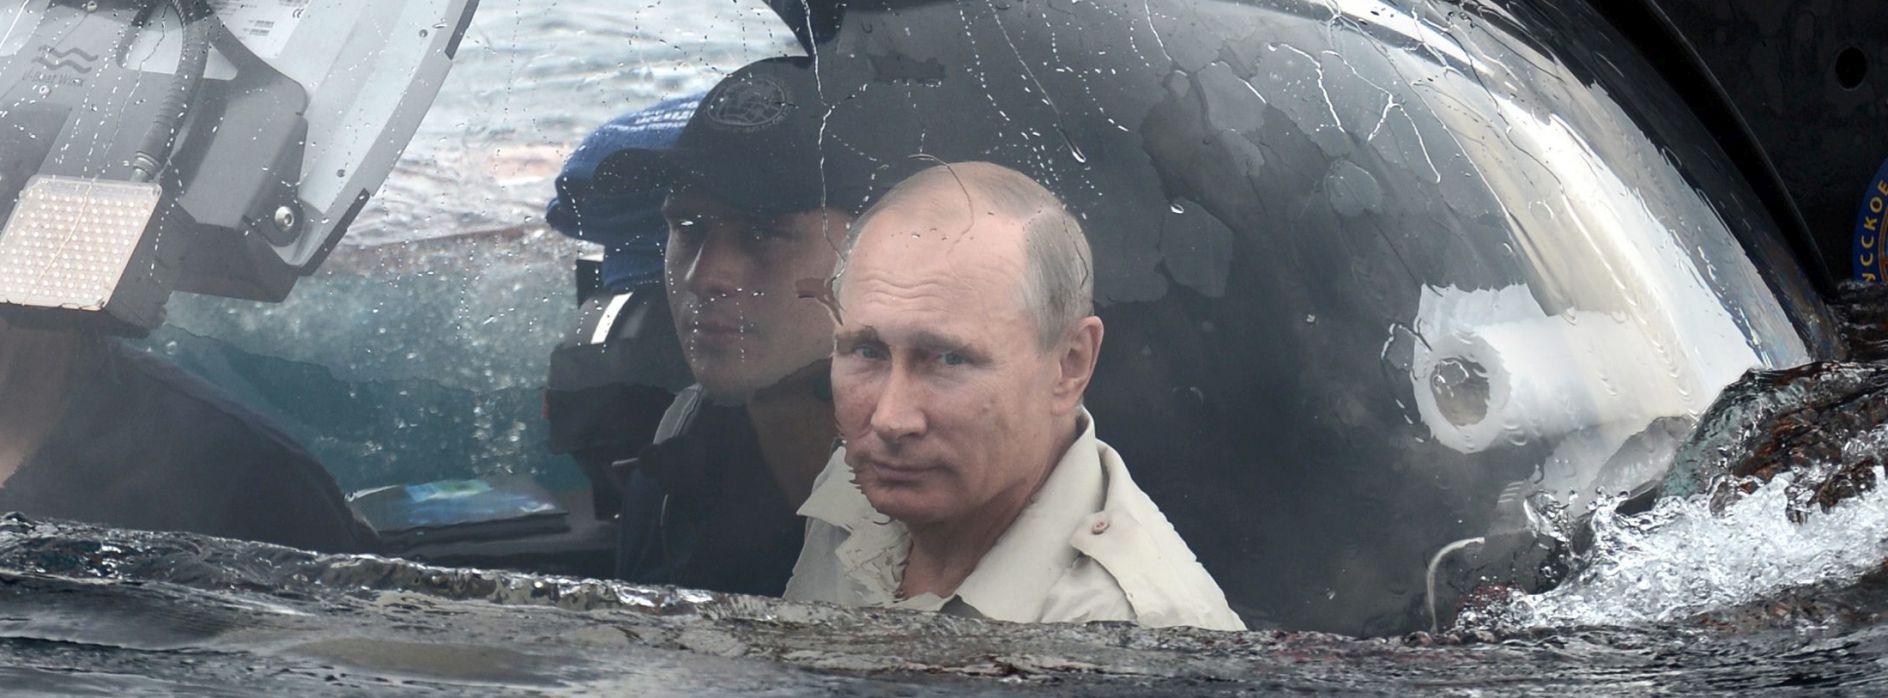 SAD: Rusi razmještaju tenkove u Siriji